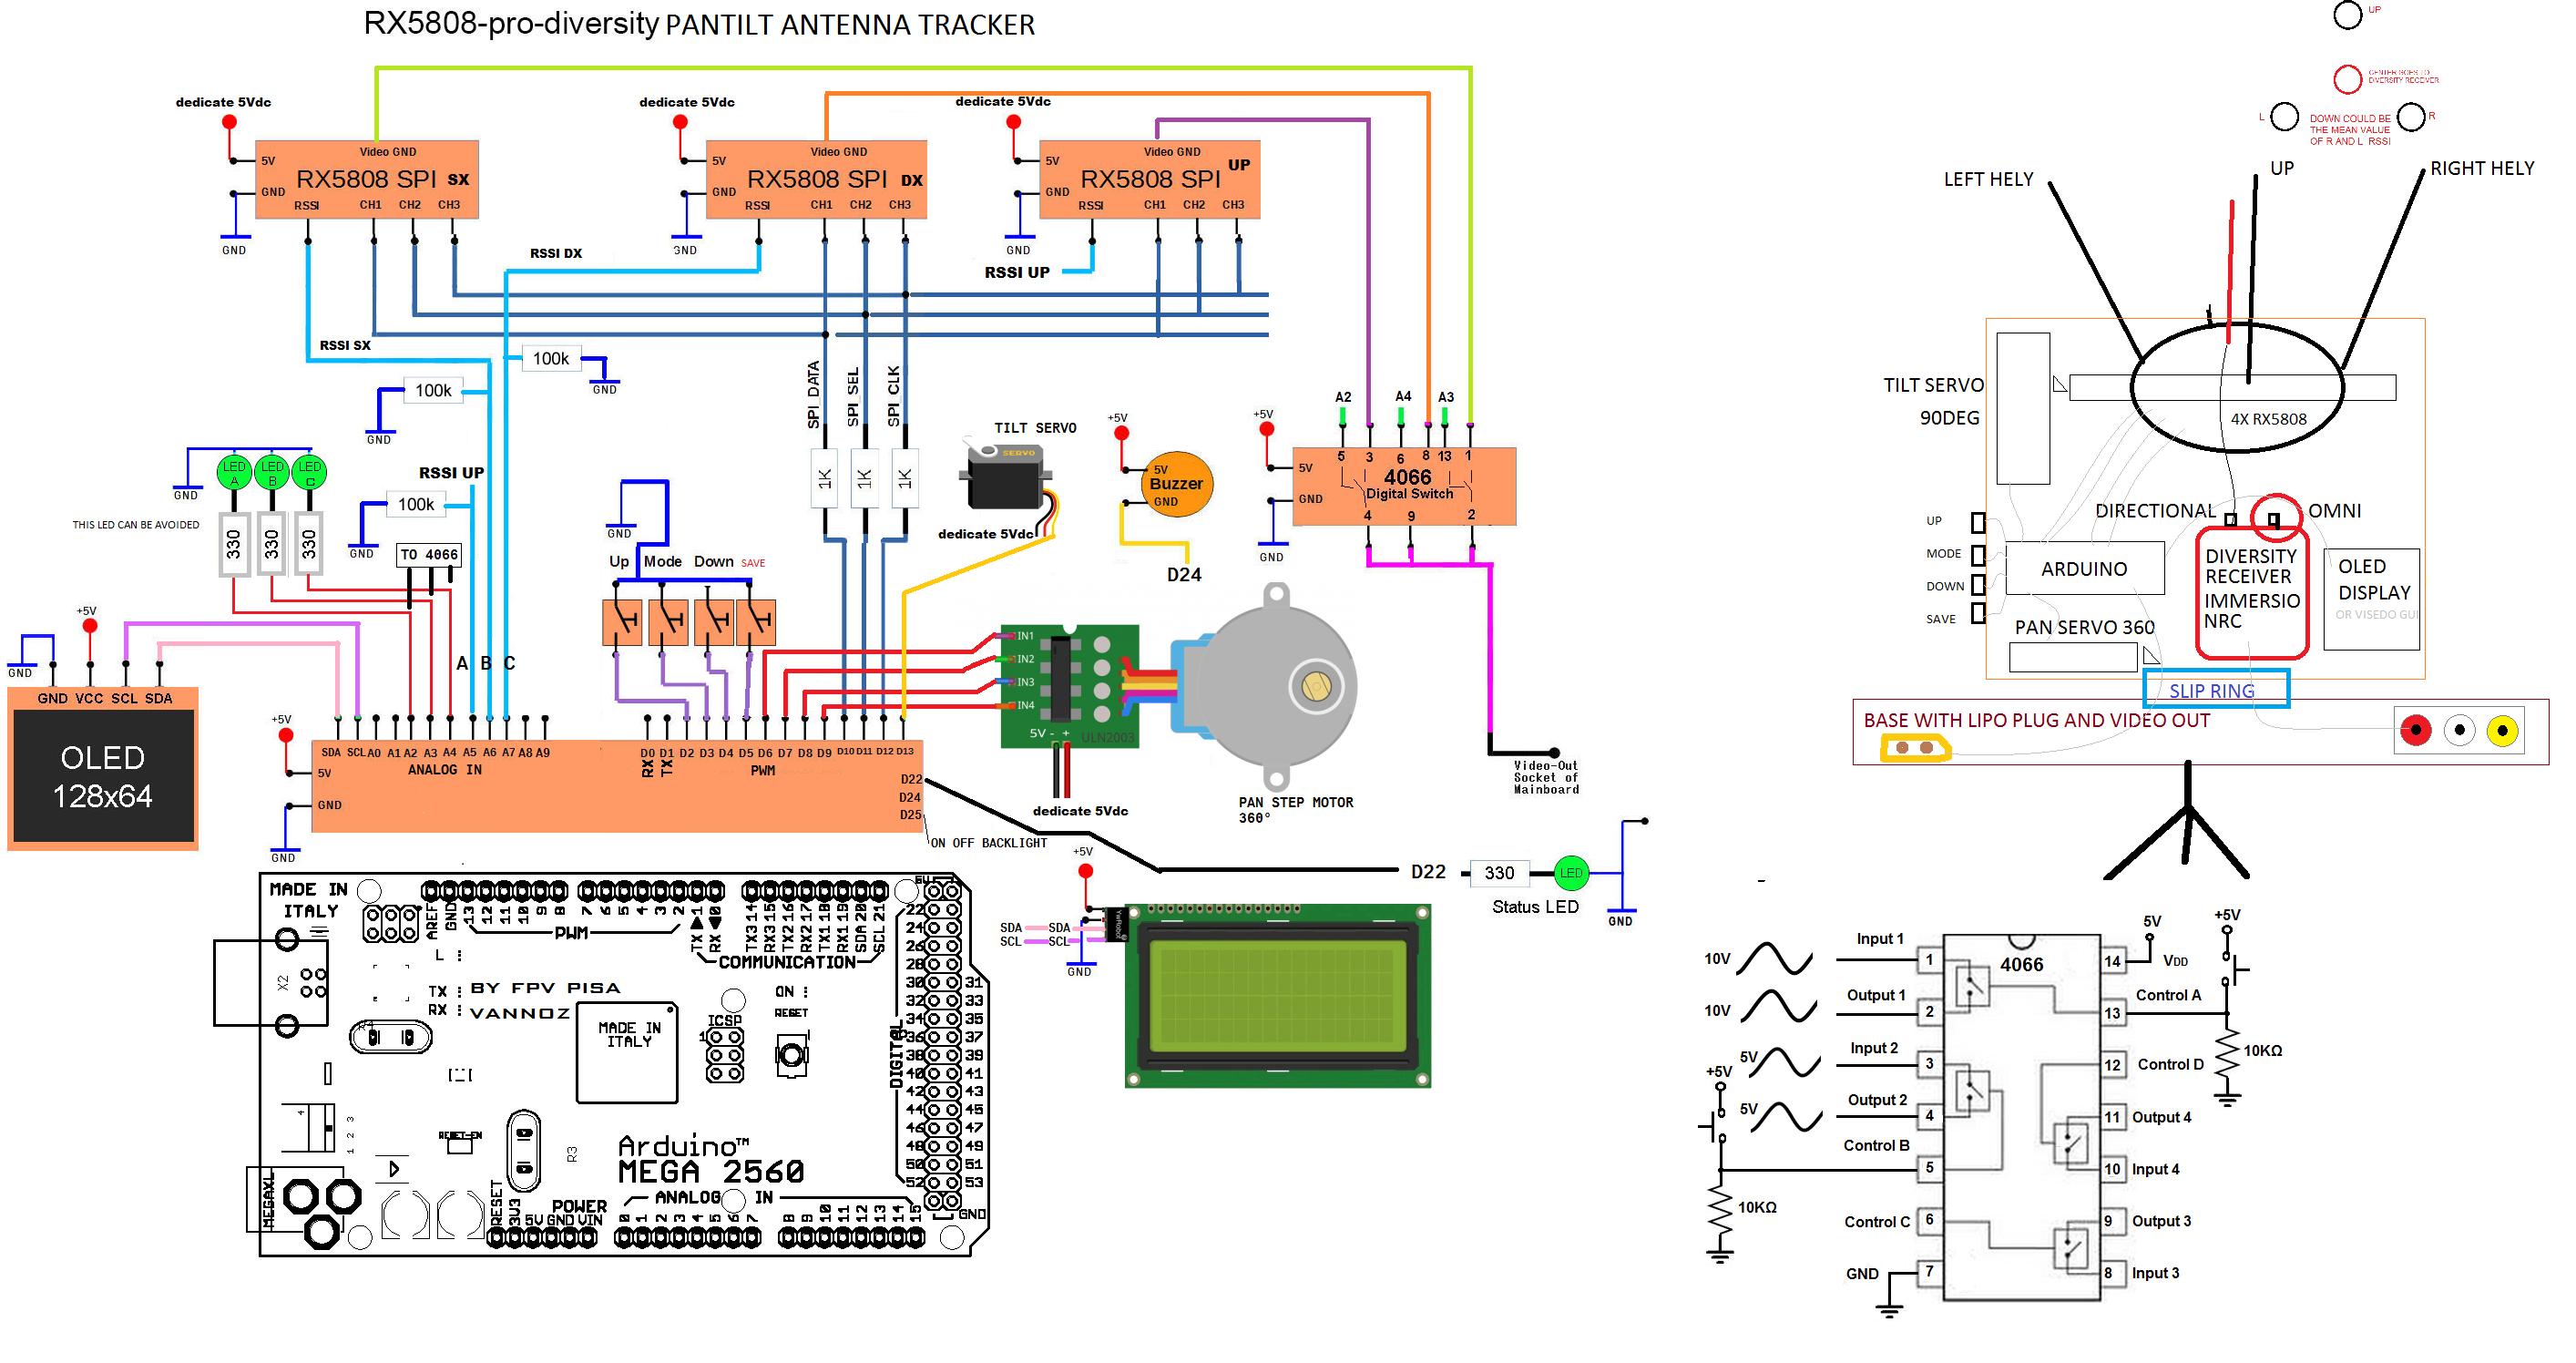 Diversity rx5805 3vrx wiring oatmouuxr9